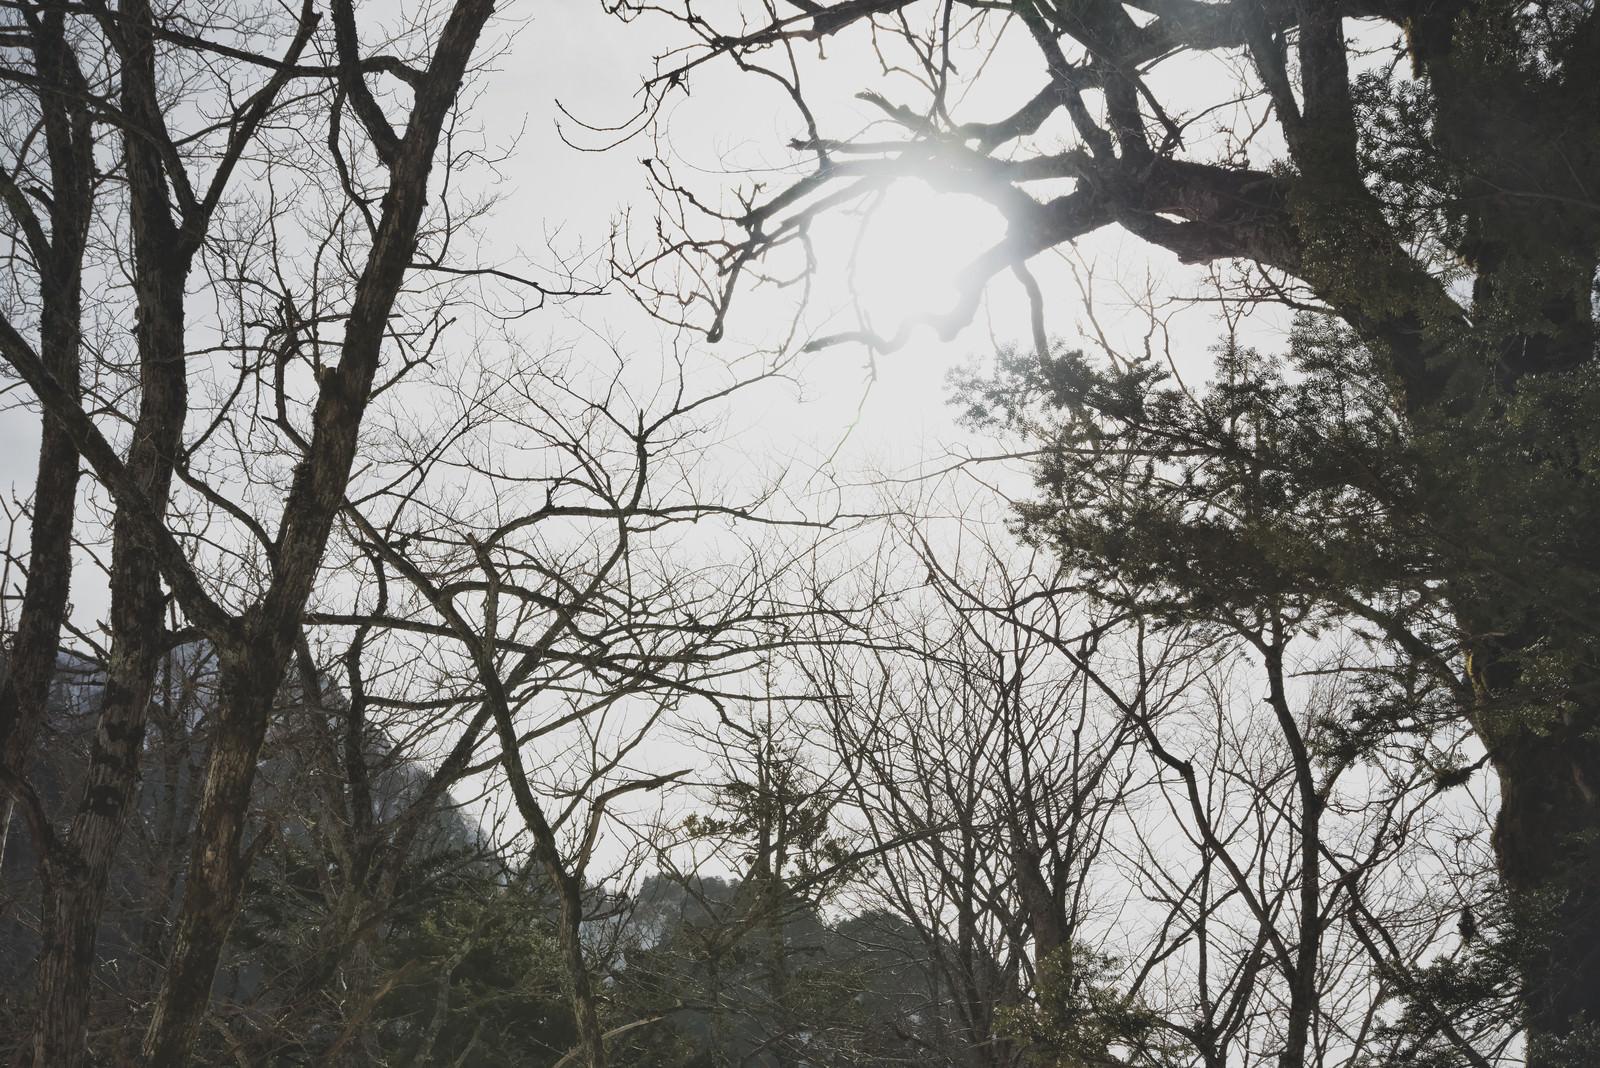 「立ち枯れの森に差し込む光」の写真